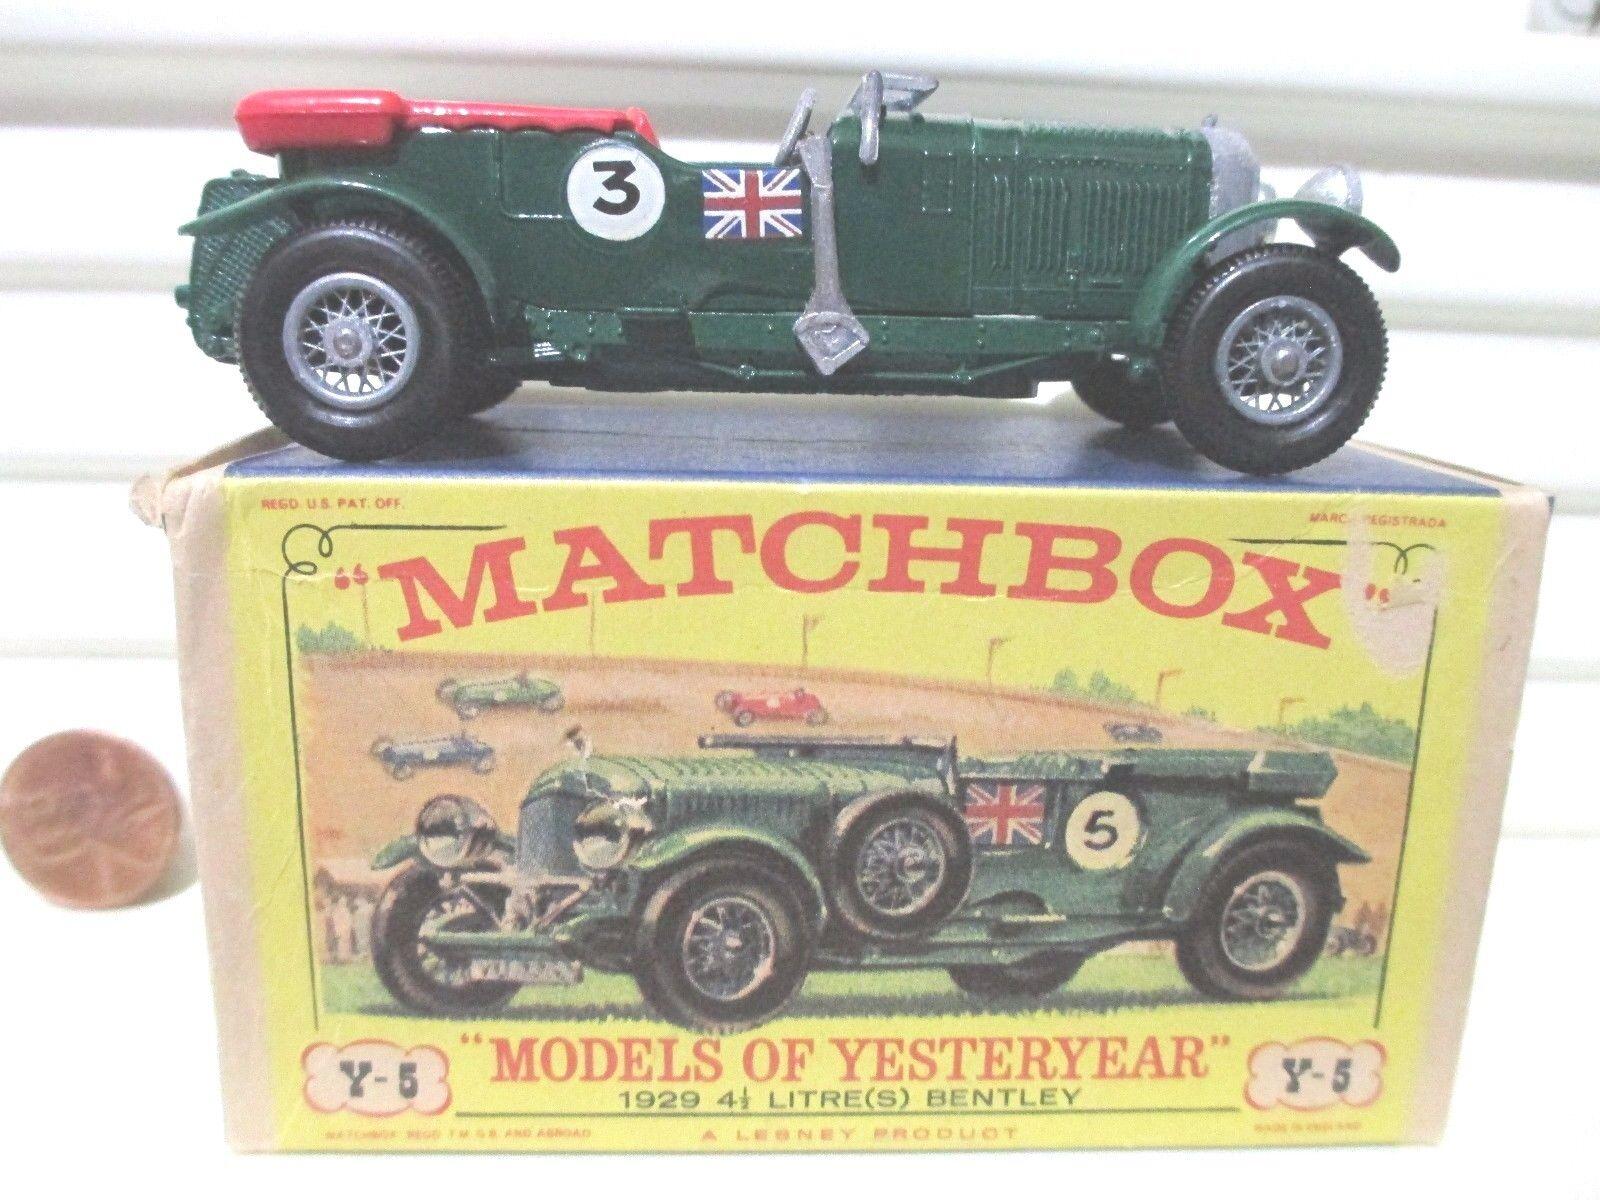 Matchbox 1968 antaño Y5 verde 1929 4.5 Litro Bentley calcomanías  D  PLACA BASE